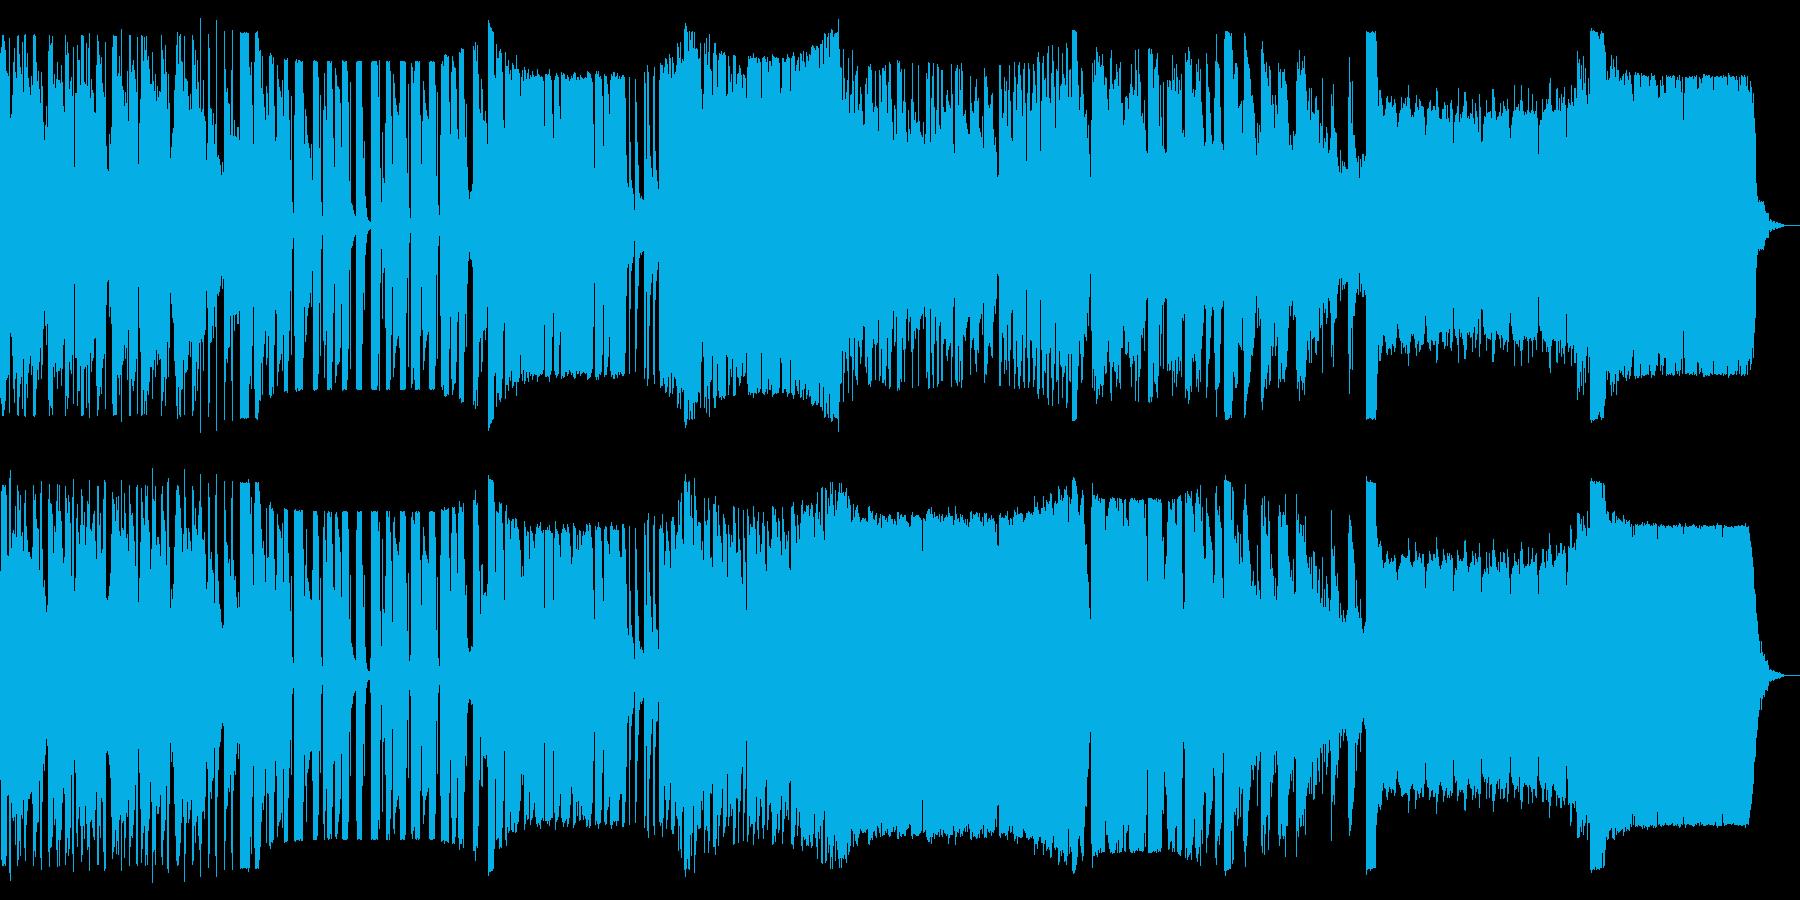 多ジャンルのイントロのリミックスの再生済みの波形